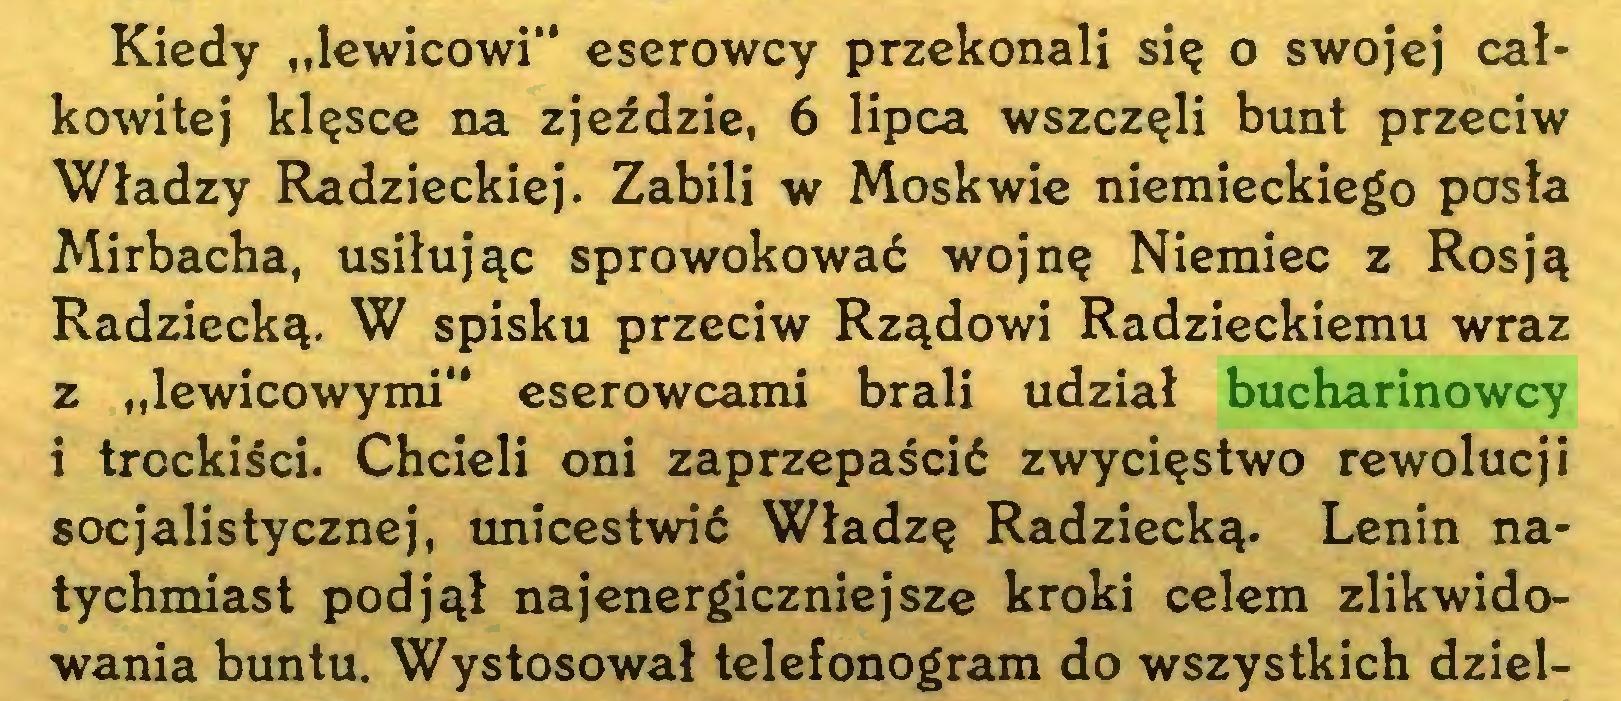 """(...) Kiedy """"lewicowi"""" eserowcy przekonali się o swojej całkowitej klęsce na zjeździe, 6 lipca wszczęli bunt przeciw Władzy Radzieckiej. Zabili w Moskwie niemieckiego posła Mirbacha, usiłując sprowokować wojnę Niemiec z Rosją Radziecką. W spisku przeciw Rządowi Radzieckiemu wraz z """"lewicowymi"""" eserowcami brali udział bucharinowcy i trockiści. Chcieli oni zaprzepaścić zwycięstwo rewolucji socjalistycznej, unicestwić Władzę Radziecką. Lenin natychmiast podjął najenergiczniejsze kroki celem zlikwidowania buntu. Wystosował telefonogram do wszystkich dziel..."""